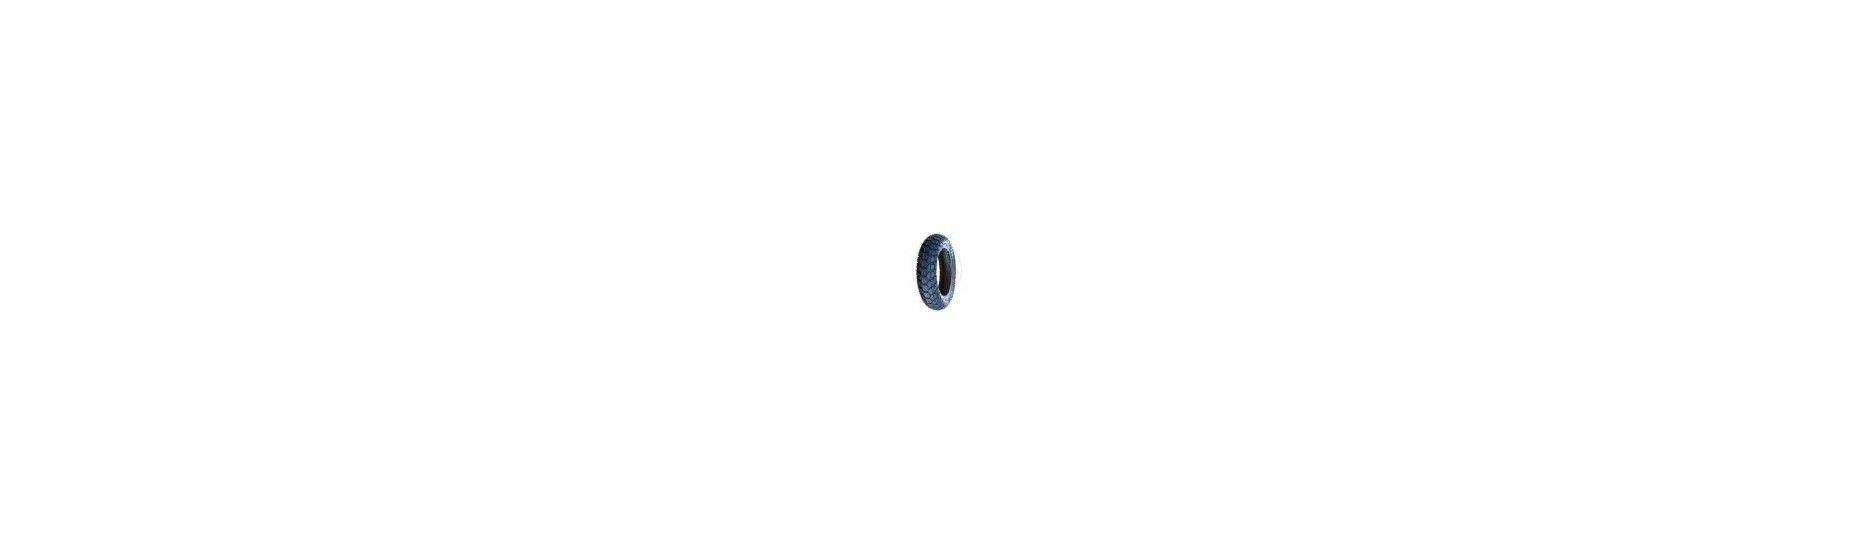 15-ti palcové pneumatiky